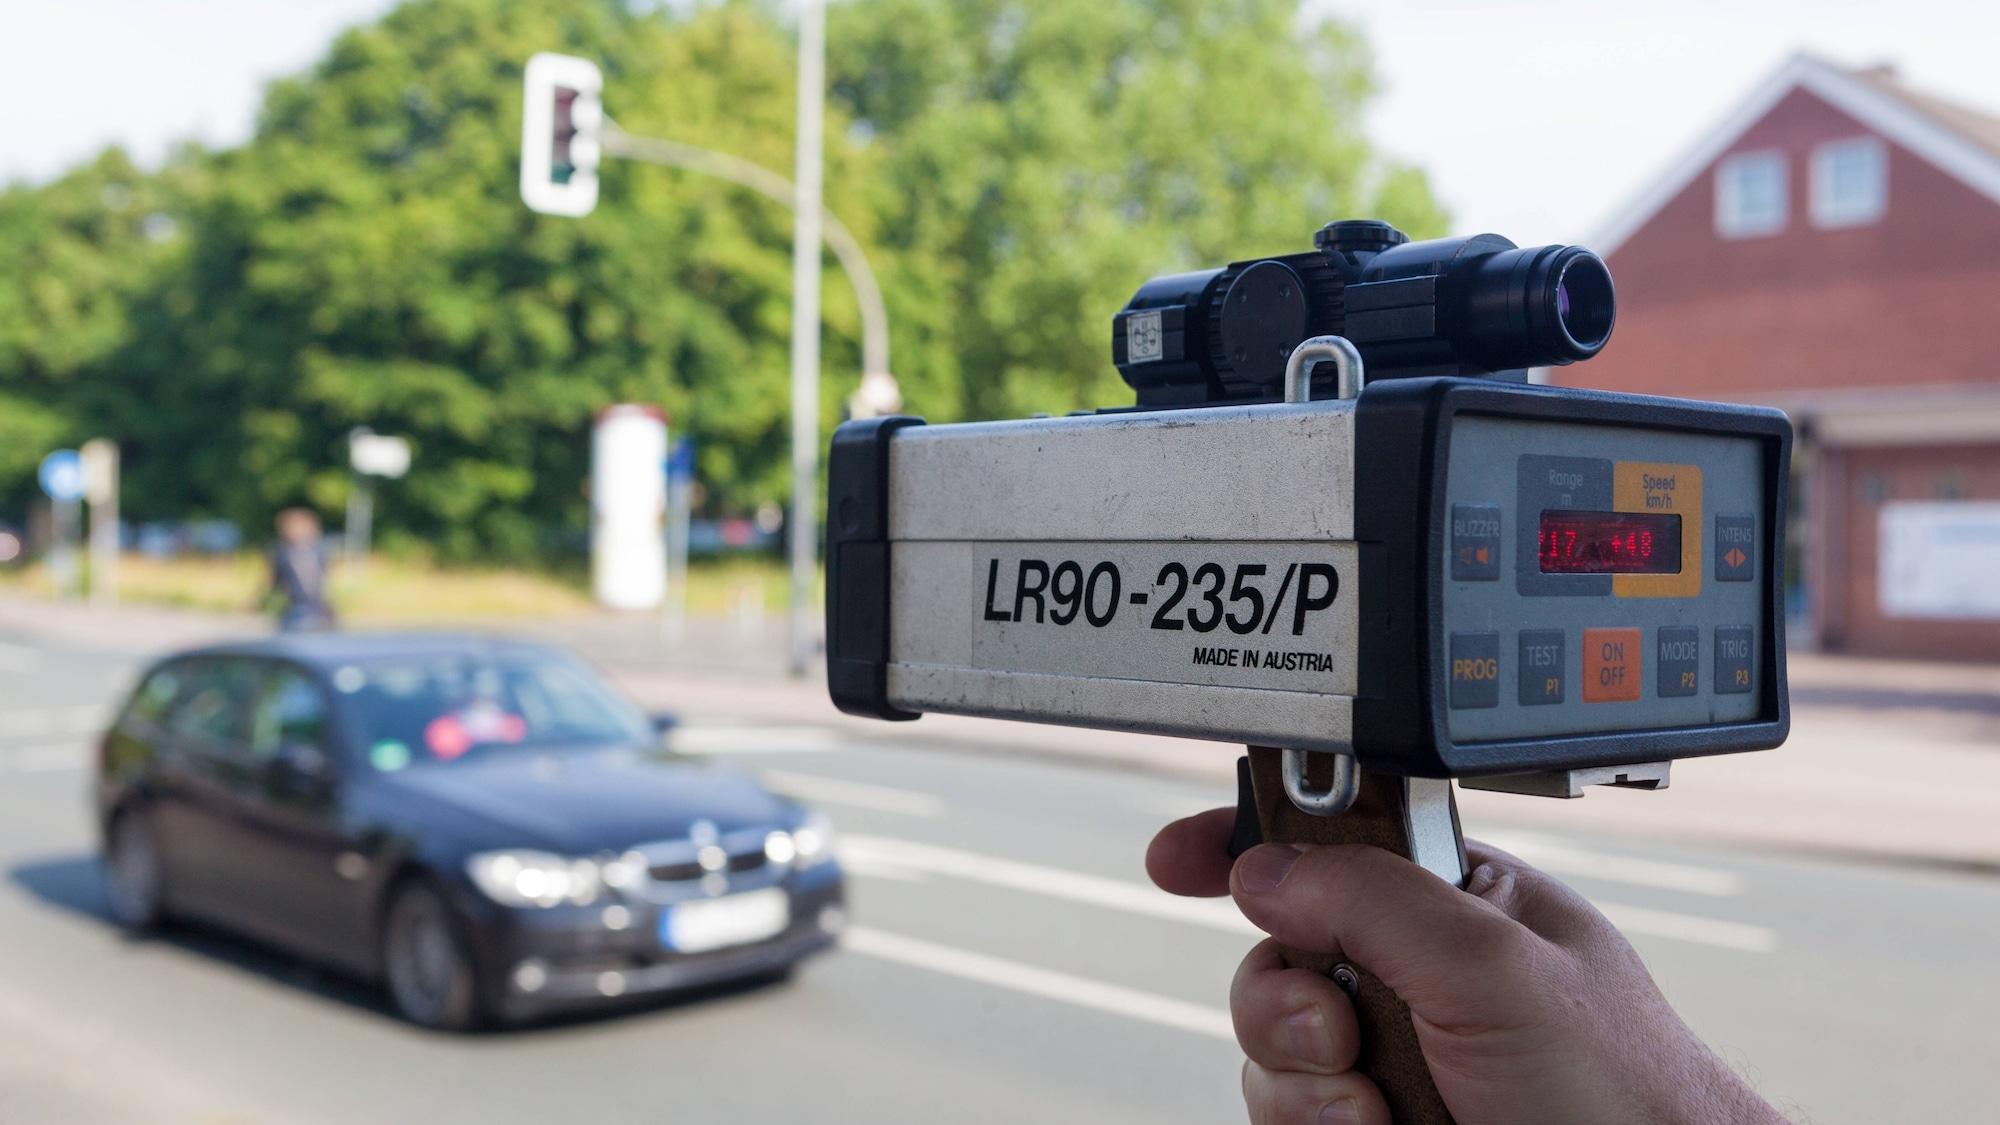 81 km/h zu viel in Österreich: Aargauer (61) rast mit Corvette in Polizei-Kontrolle – Billet weg